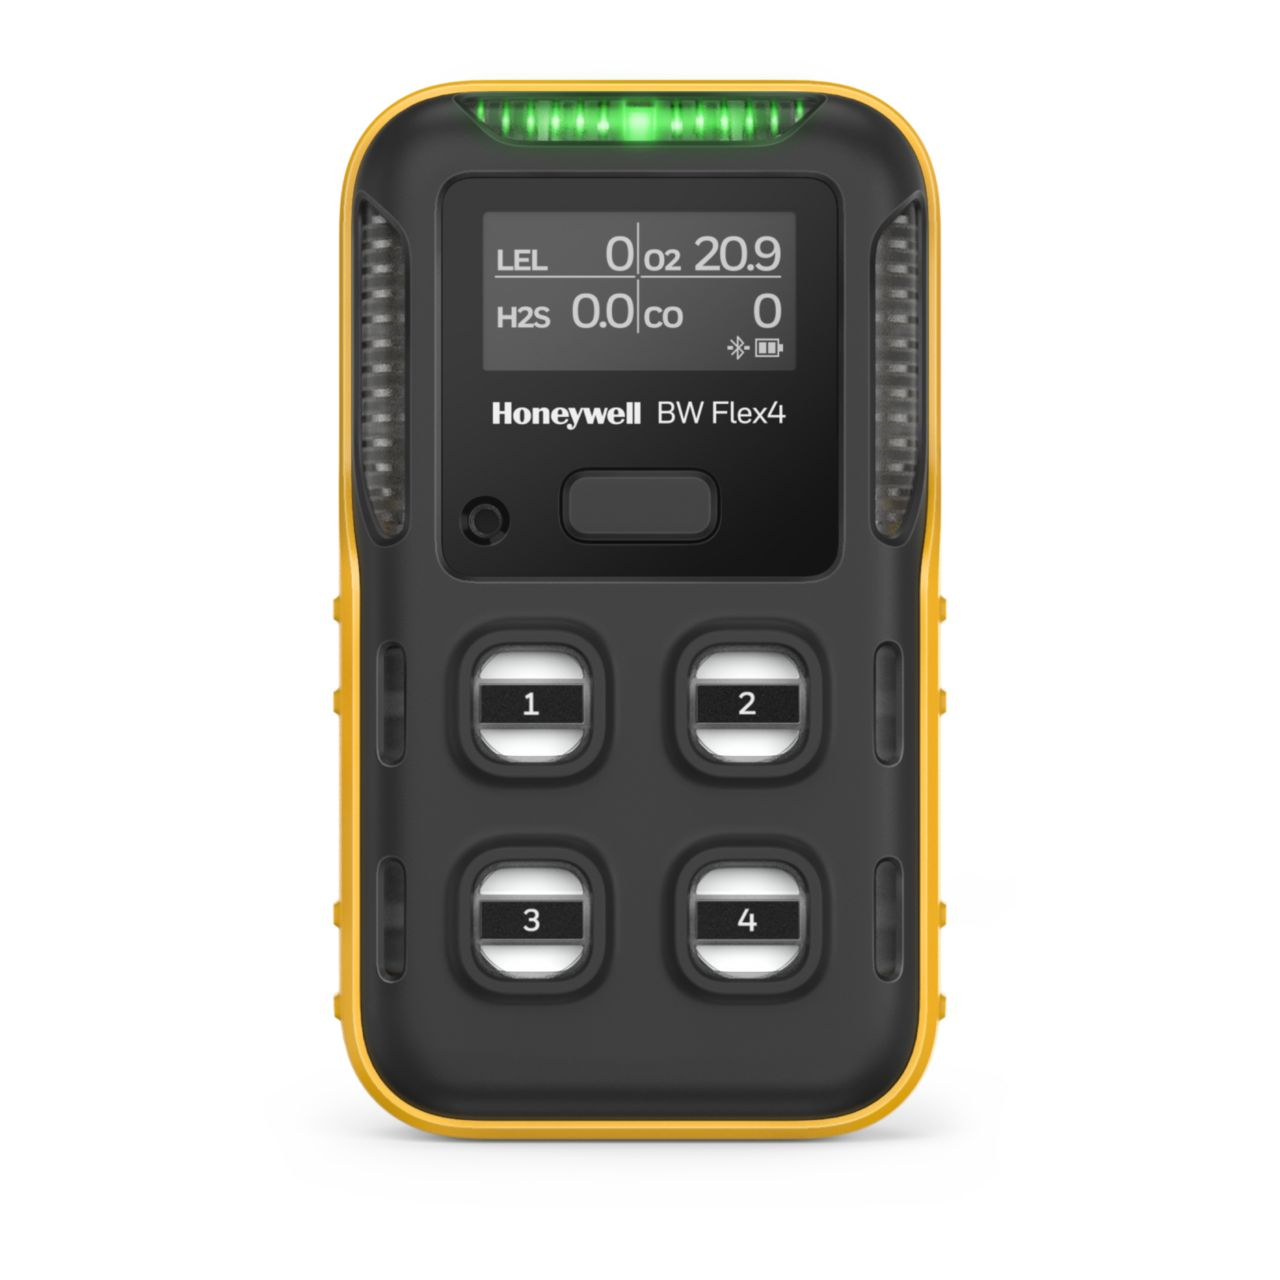 Multi Gas Monitor : BW Flex